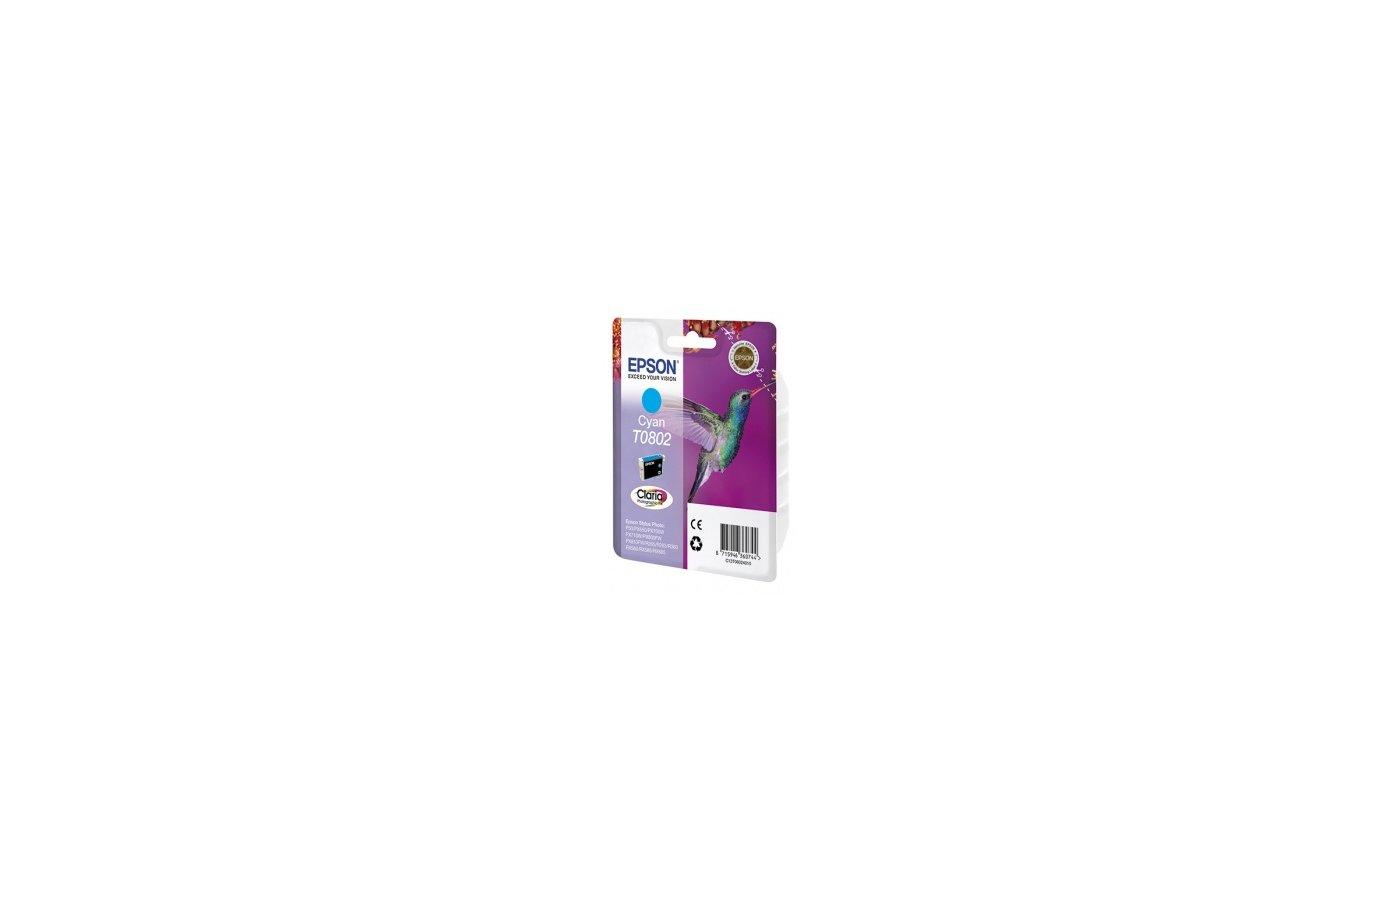 Картридж струйный Epson C13T08024011 cyan для Stylus Photo P50/PX660/PX720WD (330 стр)